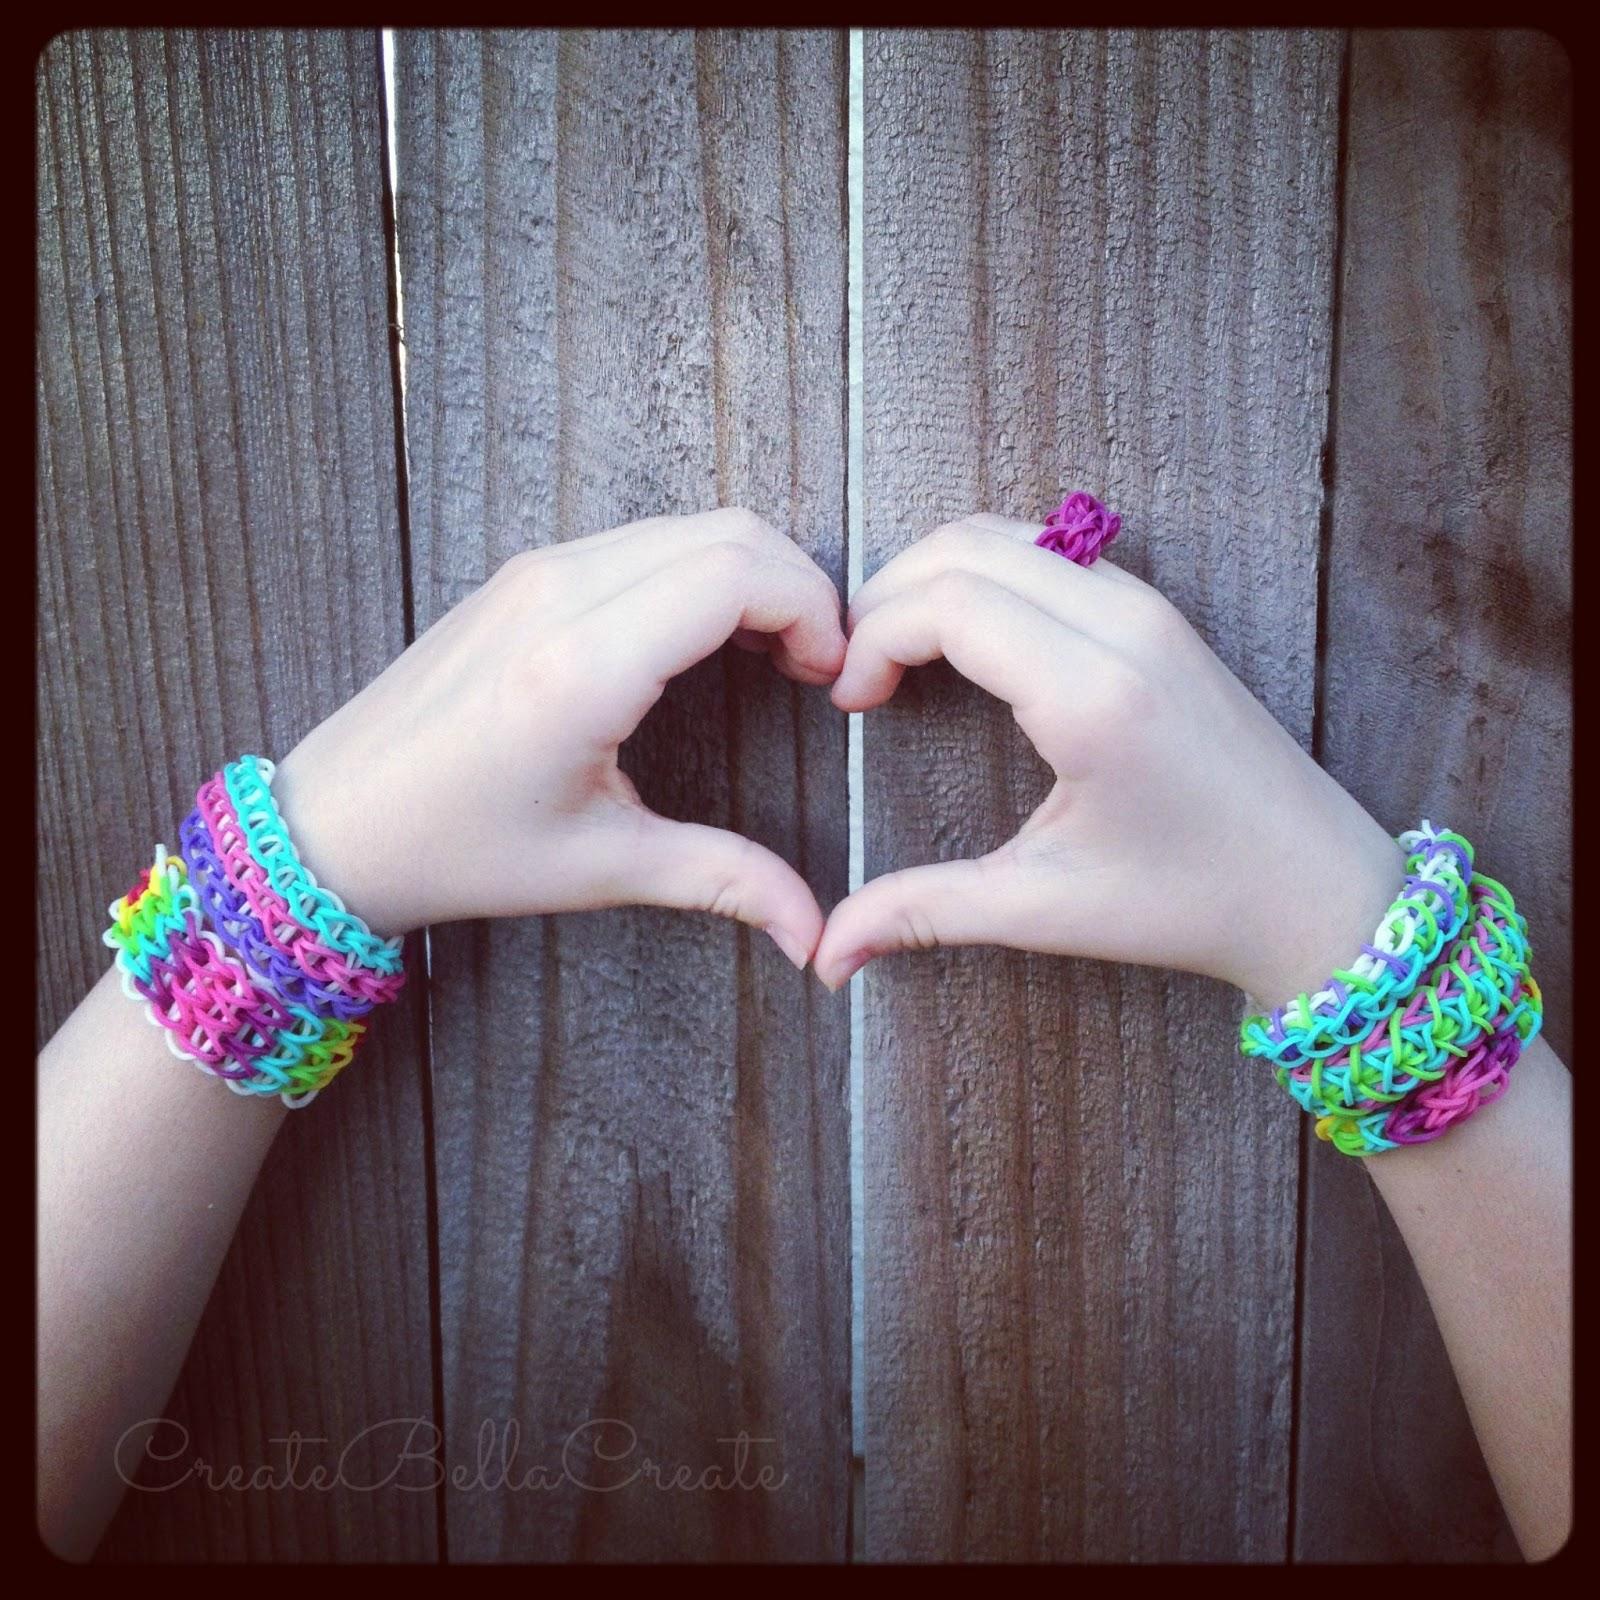 createbellacreate: Rainbow Loom Bracelets